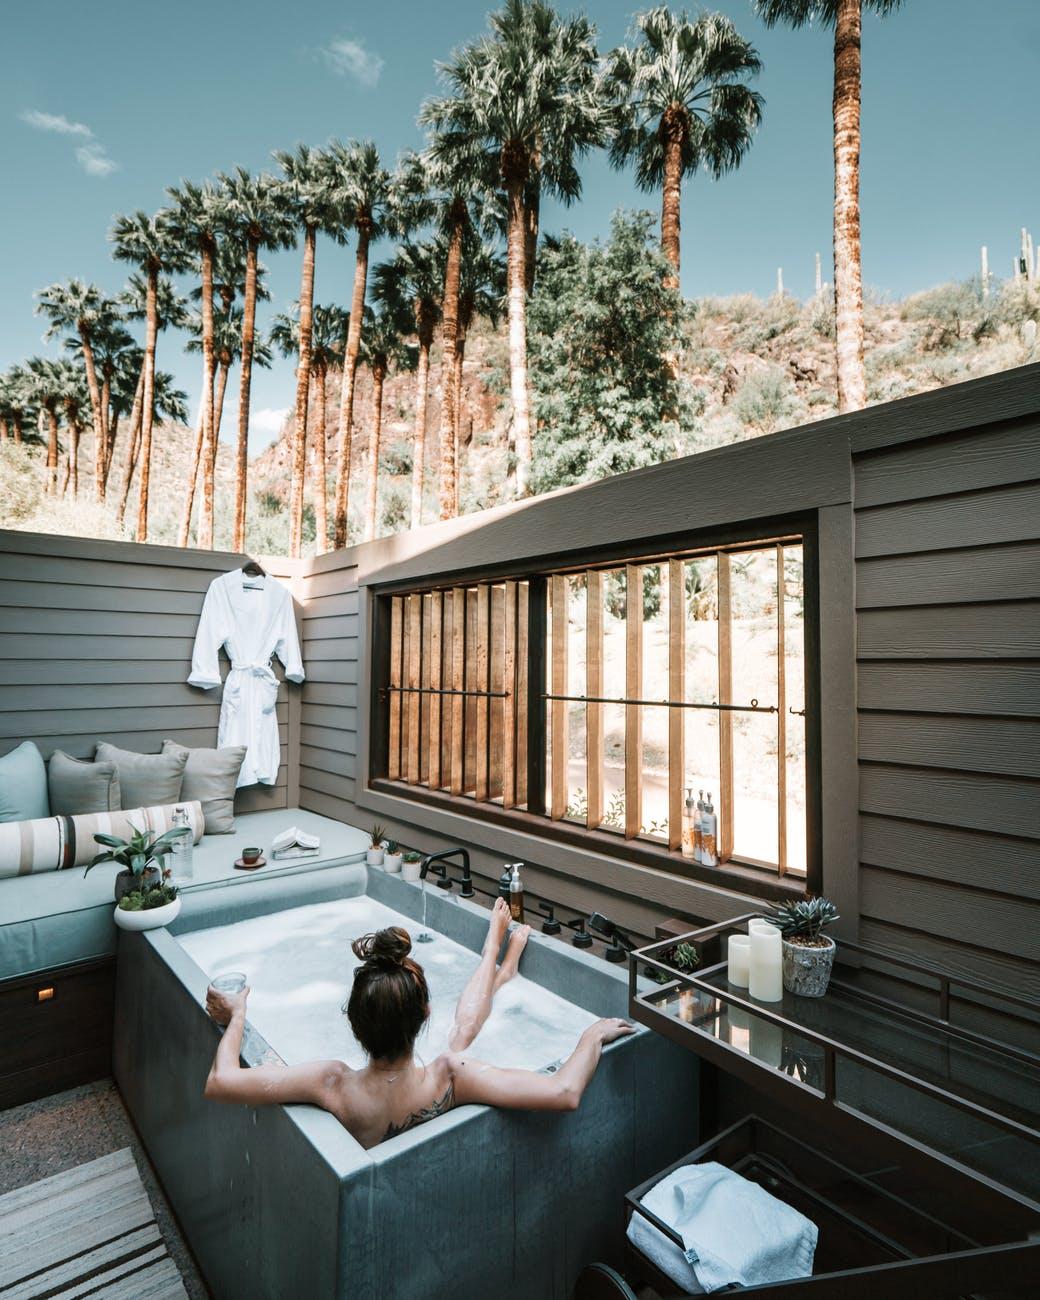 woman in a bath tub